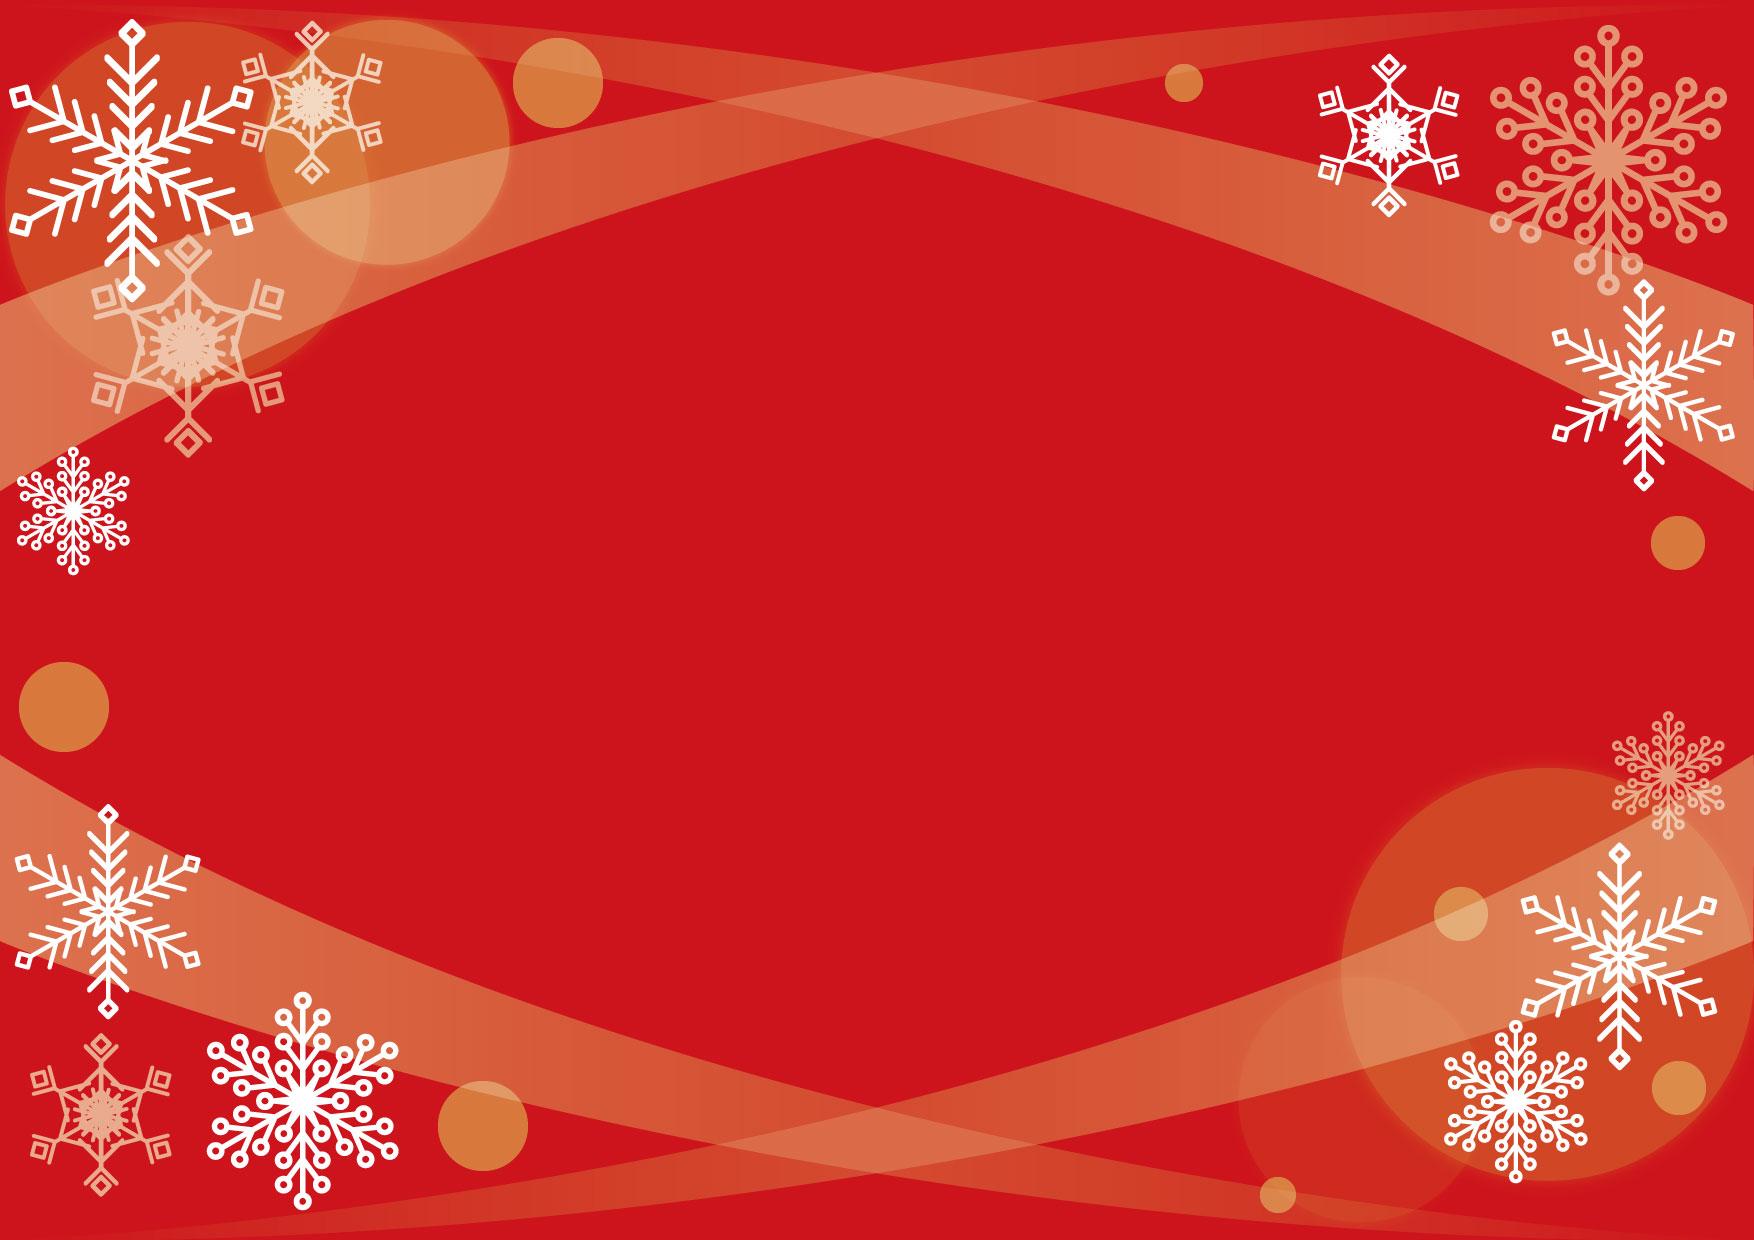 背景 クリスマス 雪の結晶 赤 イラスト 無料 | イラストダウンロード